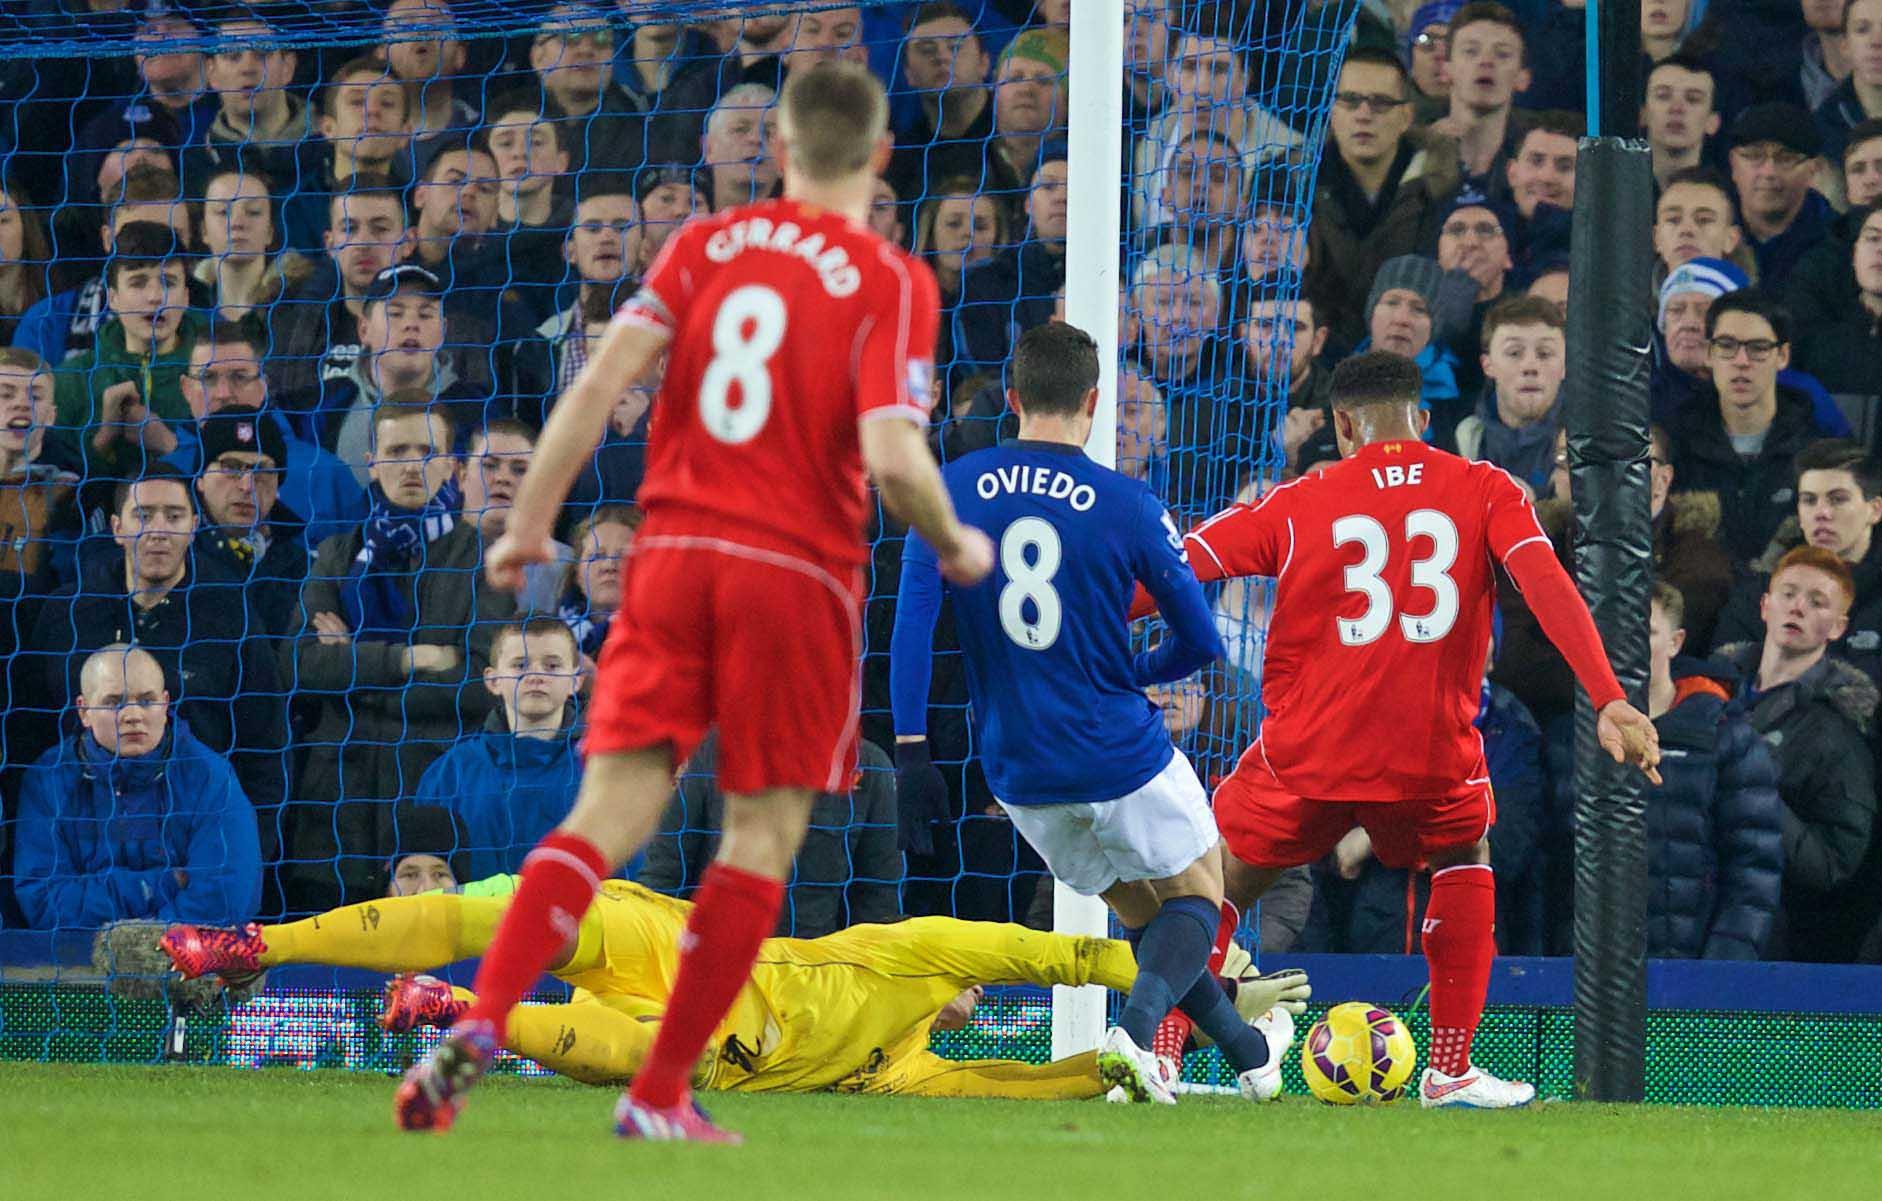 Football - FA Premier League - Everton FC v Liverpool FC